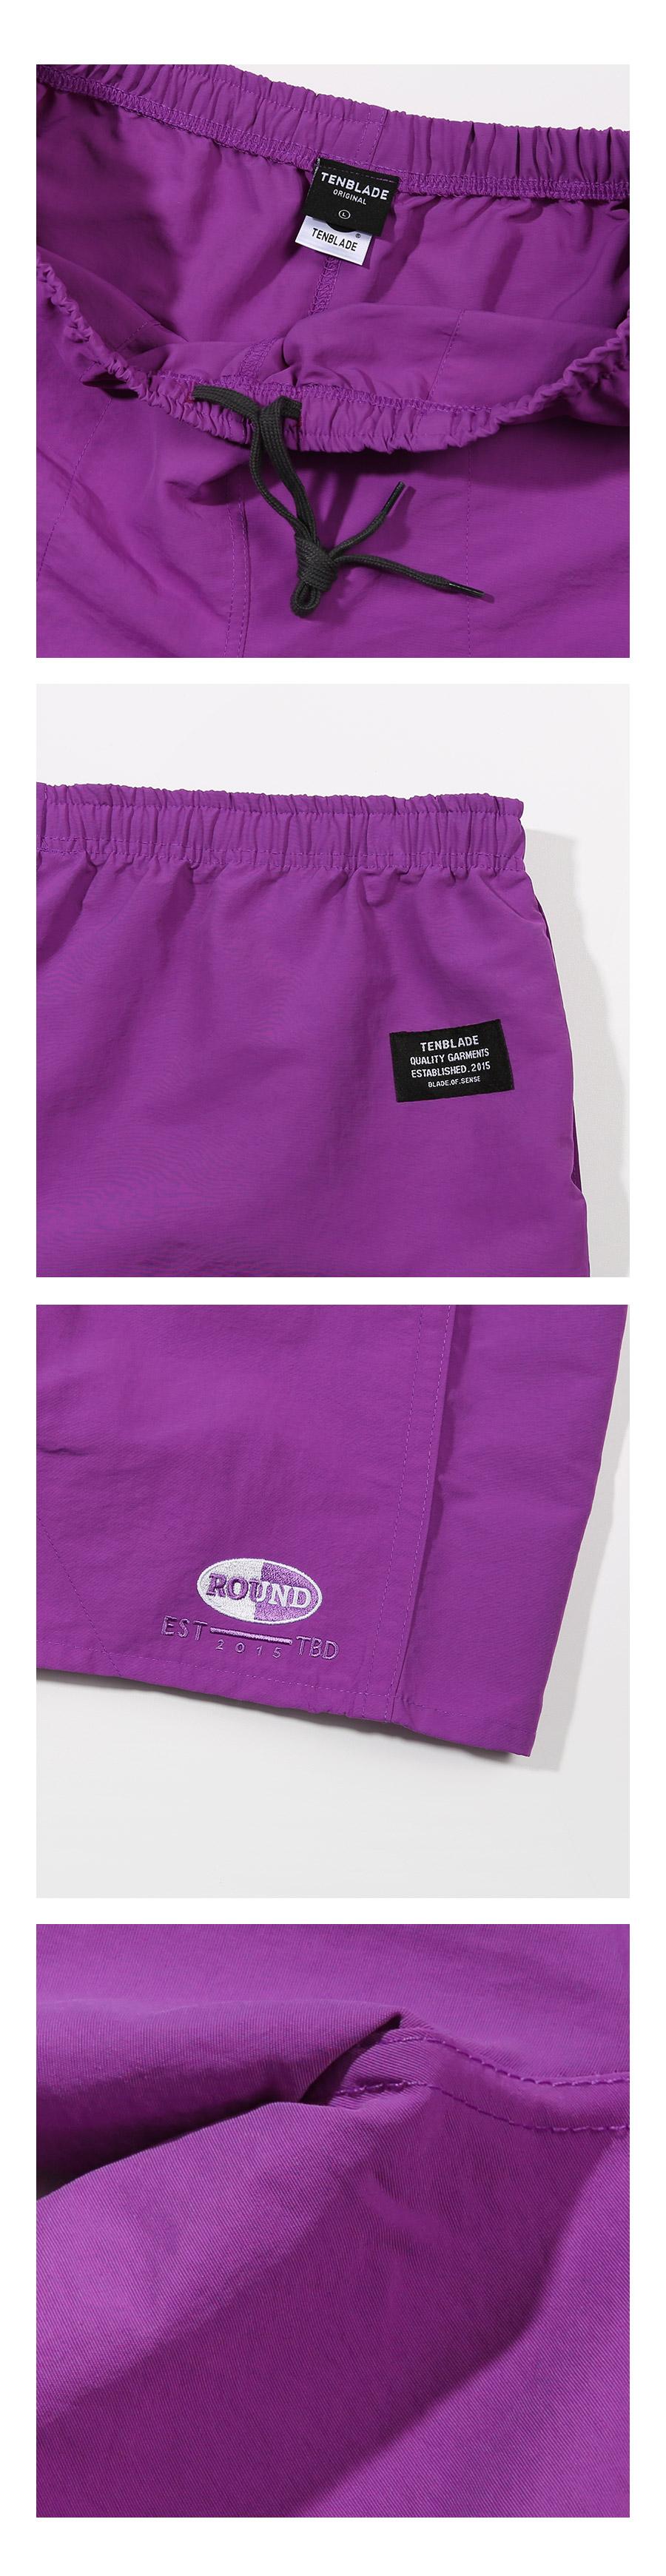 tai731sp-purple_05.jpg